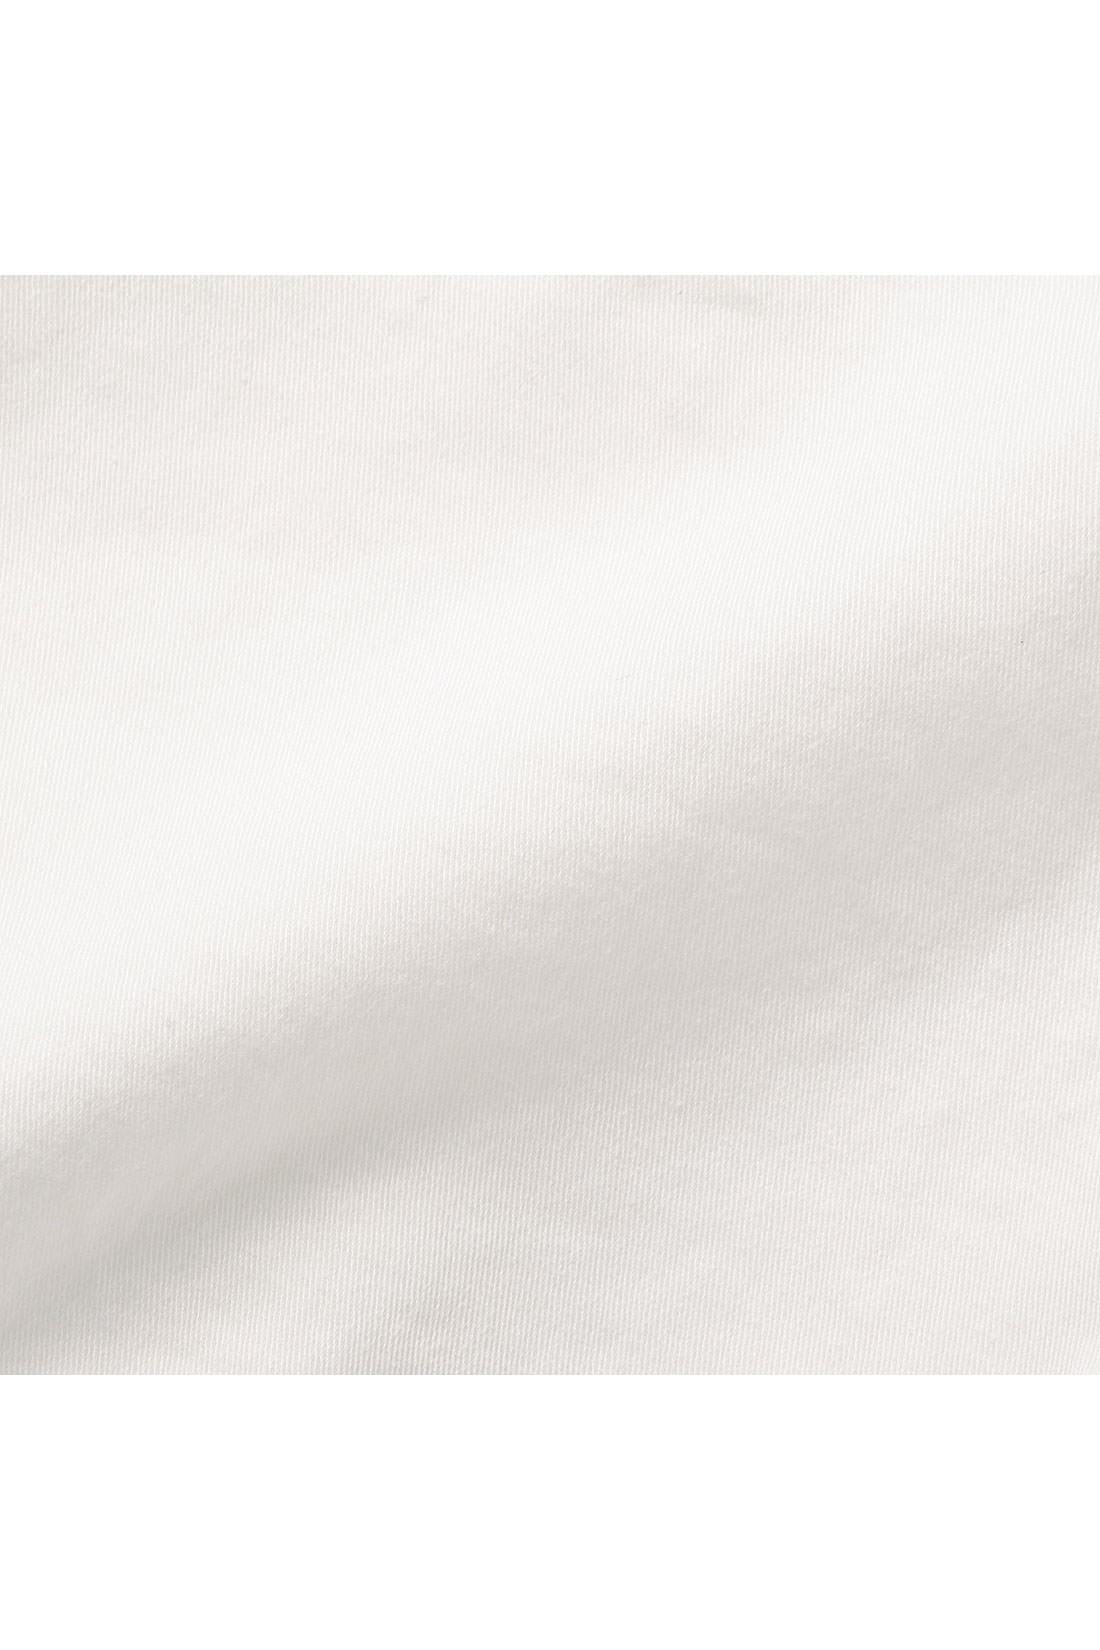 伸びやかなはき心地のストレッチ混素材、適度に肉厚な素材なので長いシーズン活躍。